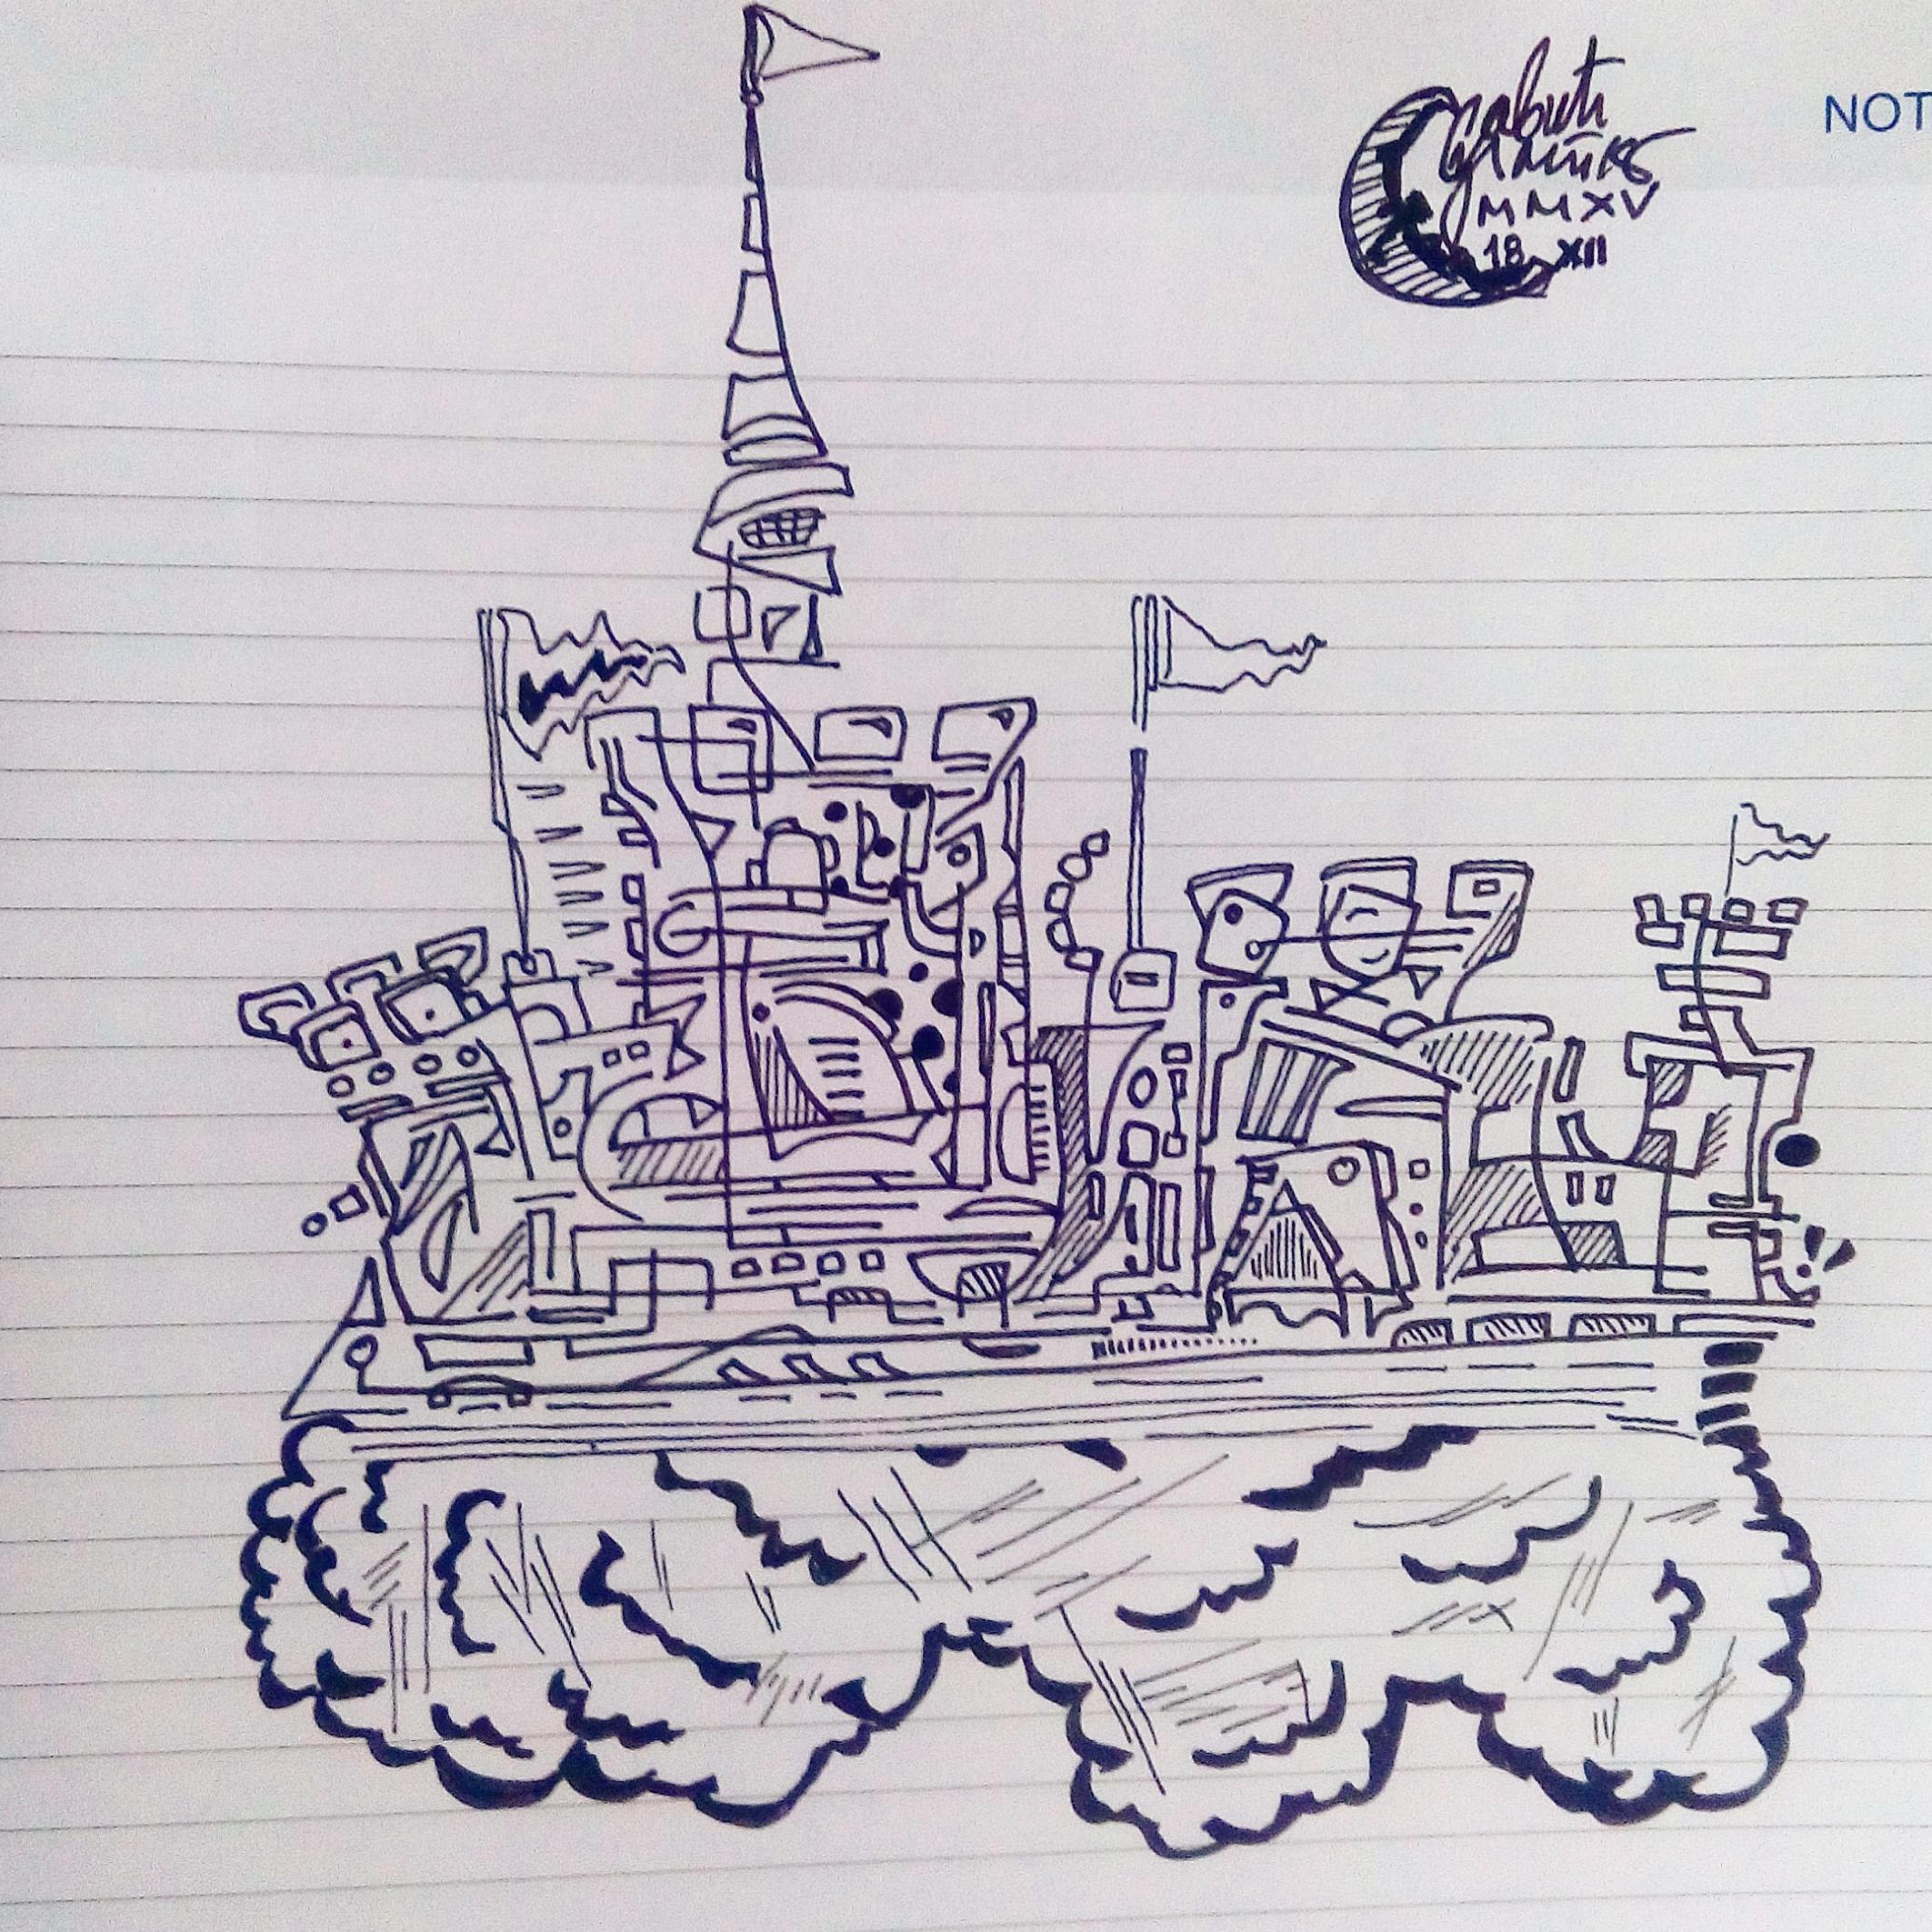 Morning doodle - 18. XII '15 - Castle by zlajonja